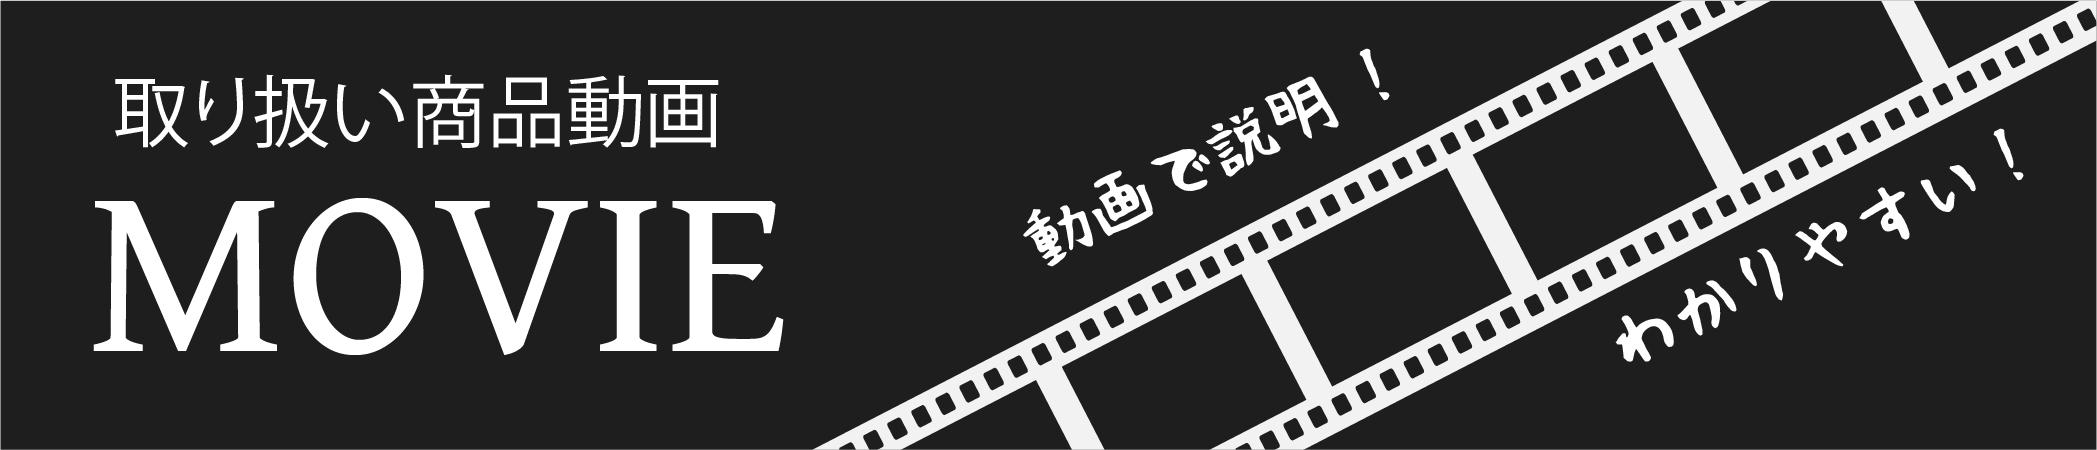 デジタルランド株式会社、取り扱い商品説明ムービ・動画